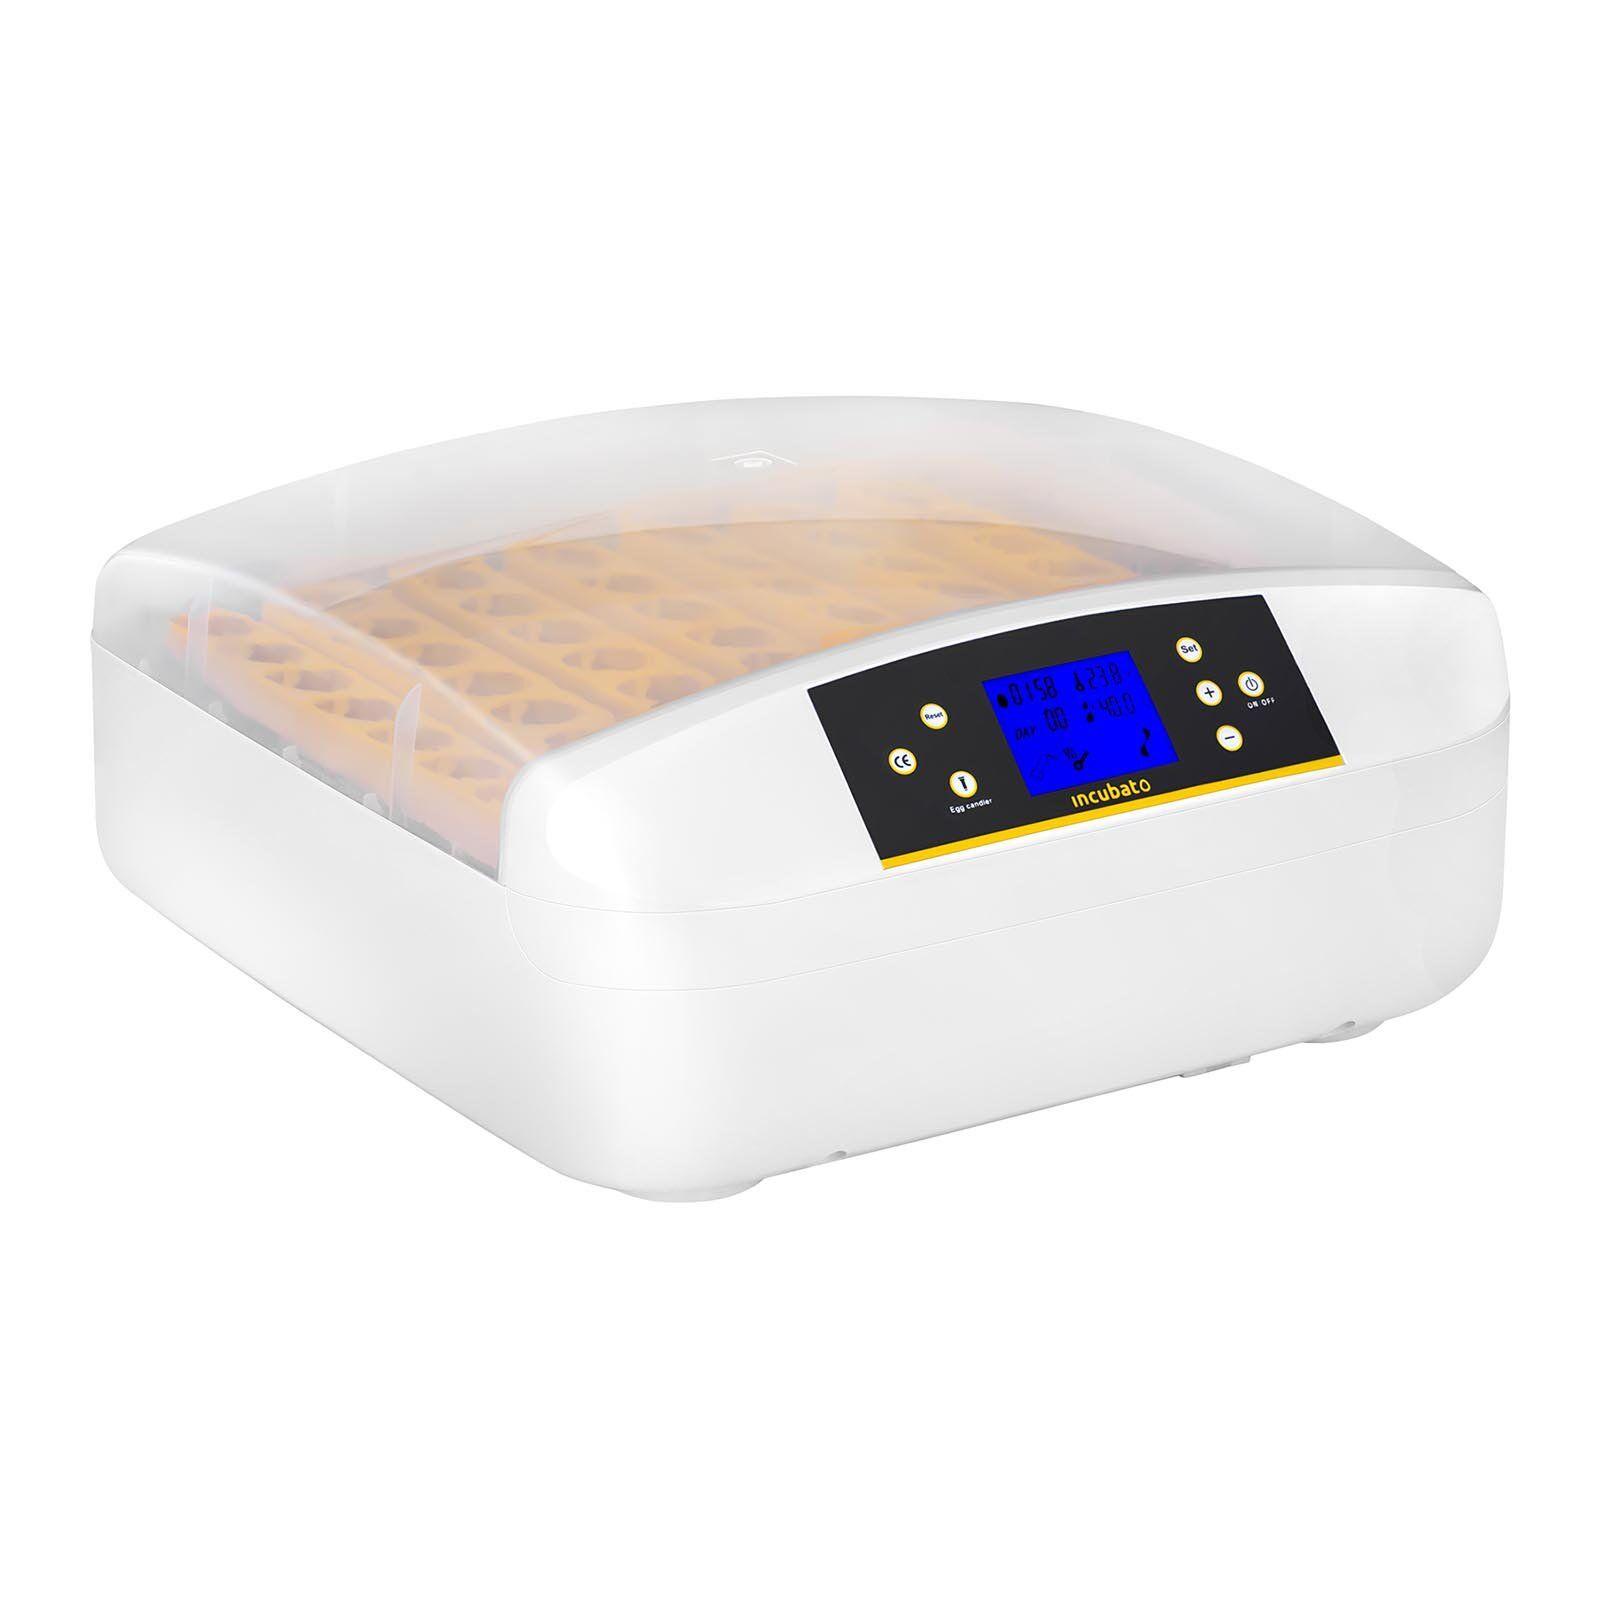 incubato Incubatrice per uova professionale - 56 uova - distributore d'acqua - completamente automatica IN-56DDI